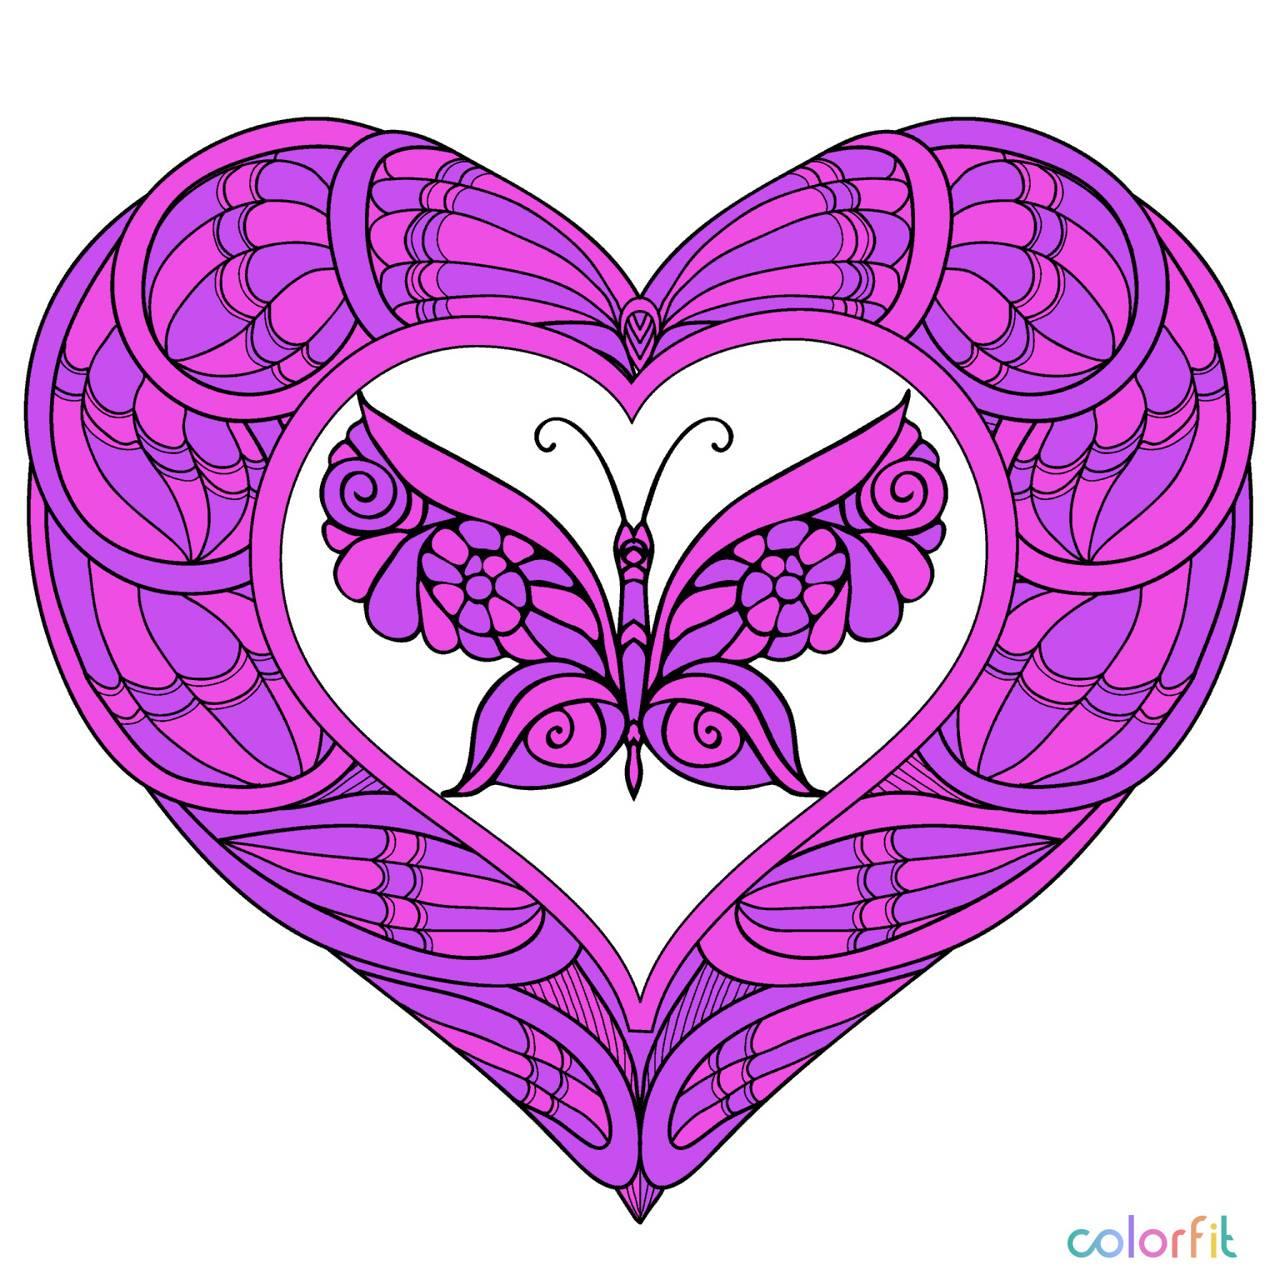 A BUTTERFLIES HEART